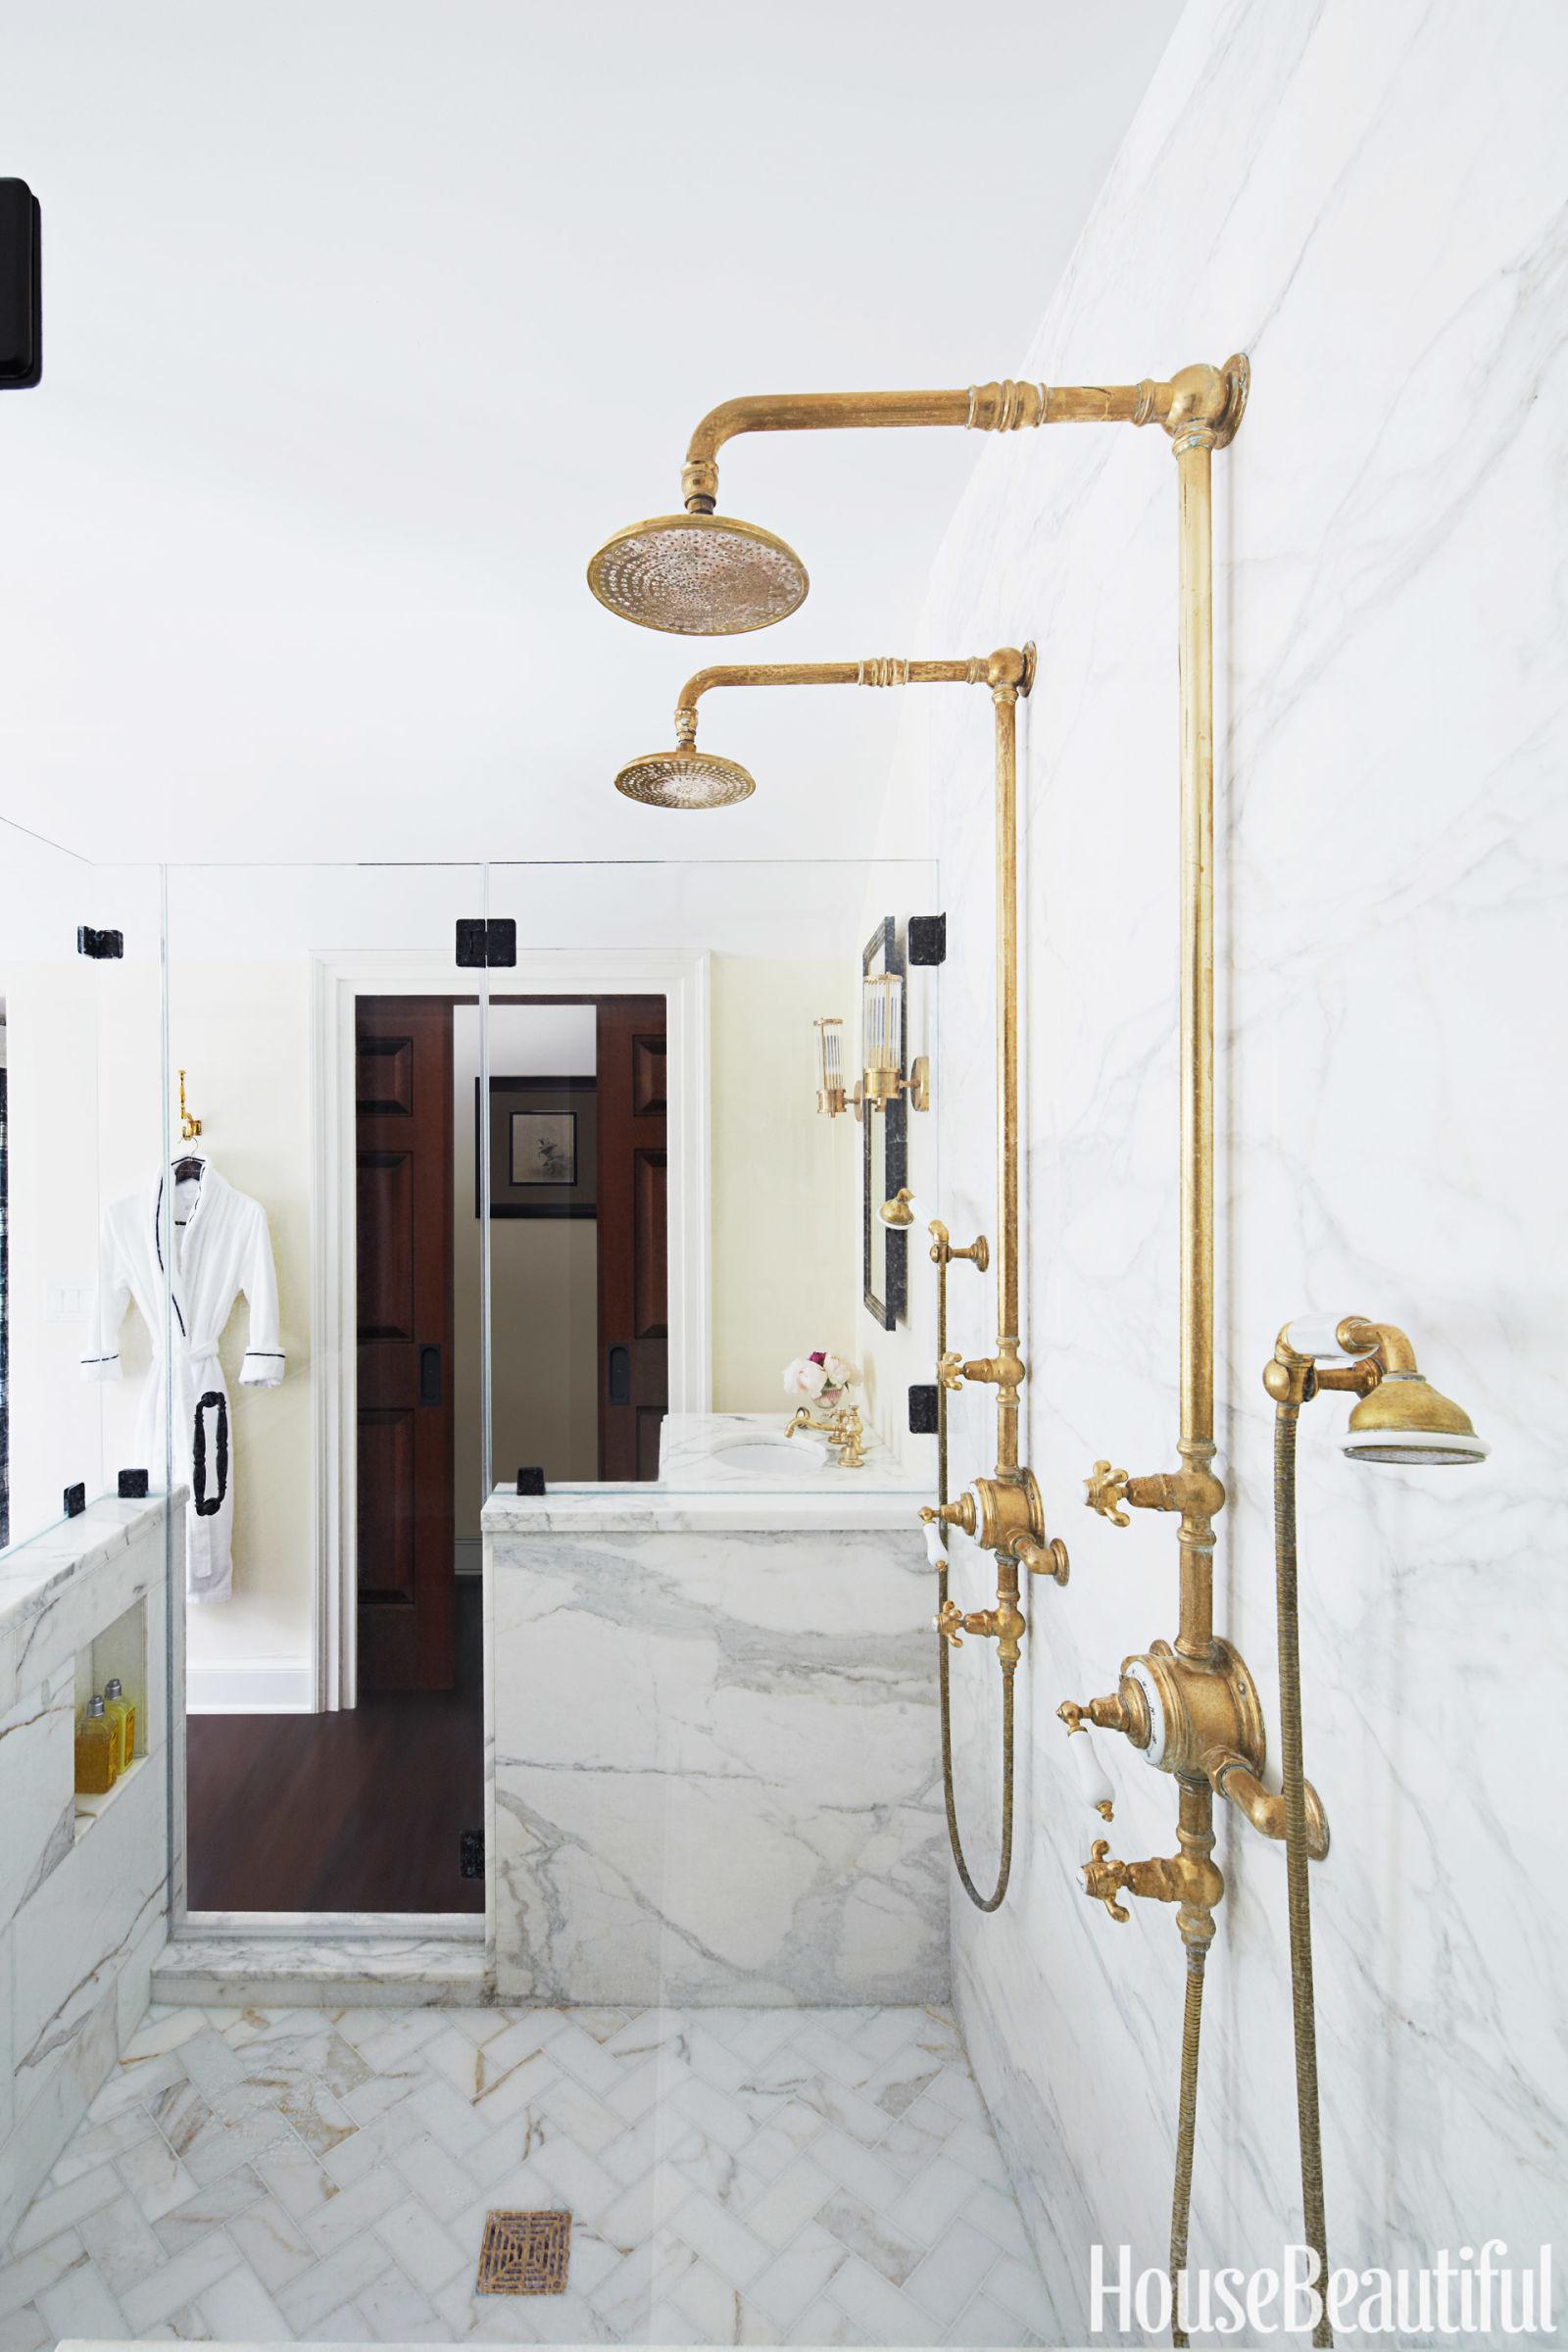 54c4a1a4af989_-_01-hbx-etoile-shower-system-0914-s2.jpg